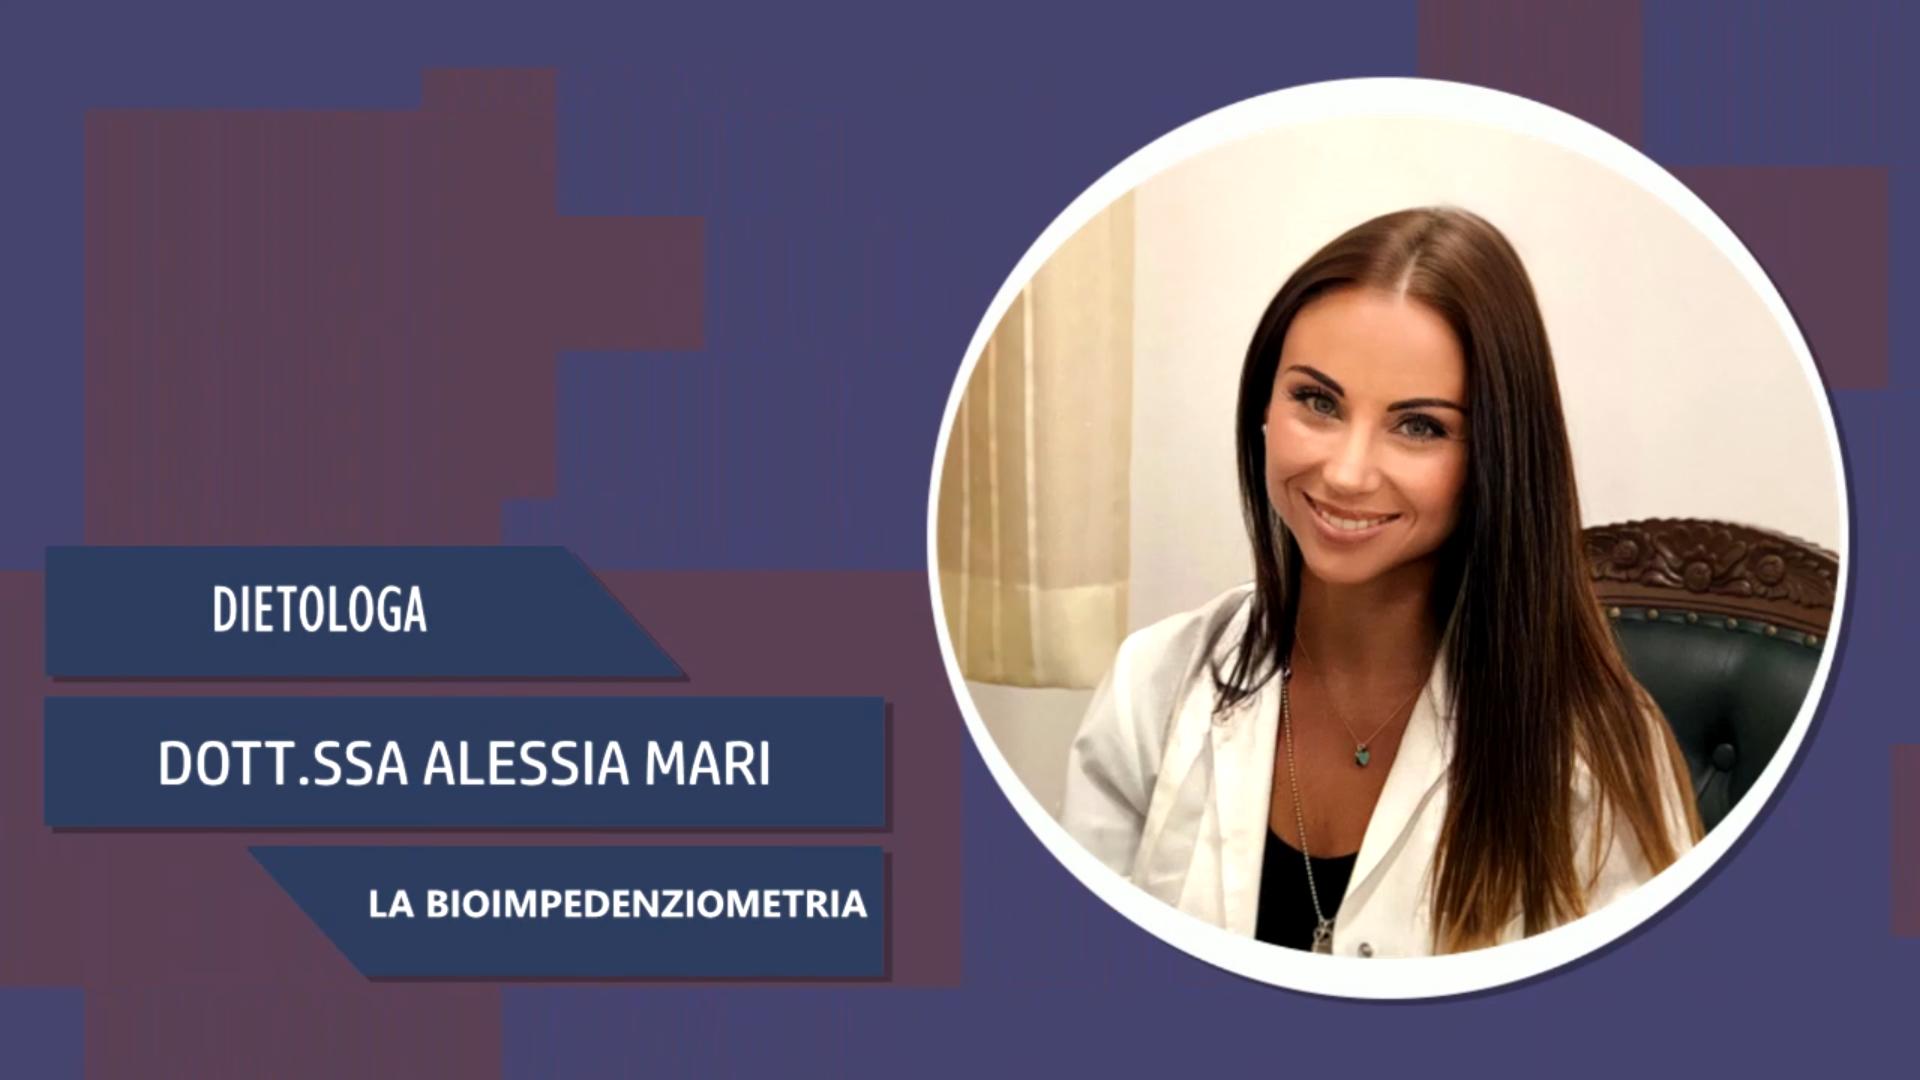 Intervista alla Dott.ssa Alessia Mari – La Bioimpedenziometria